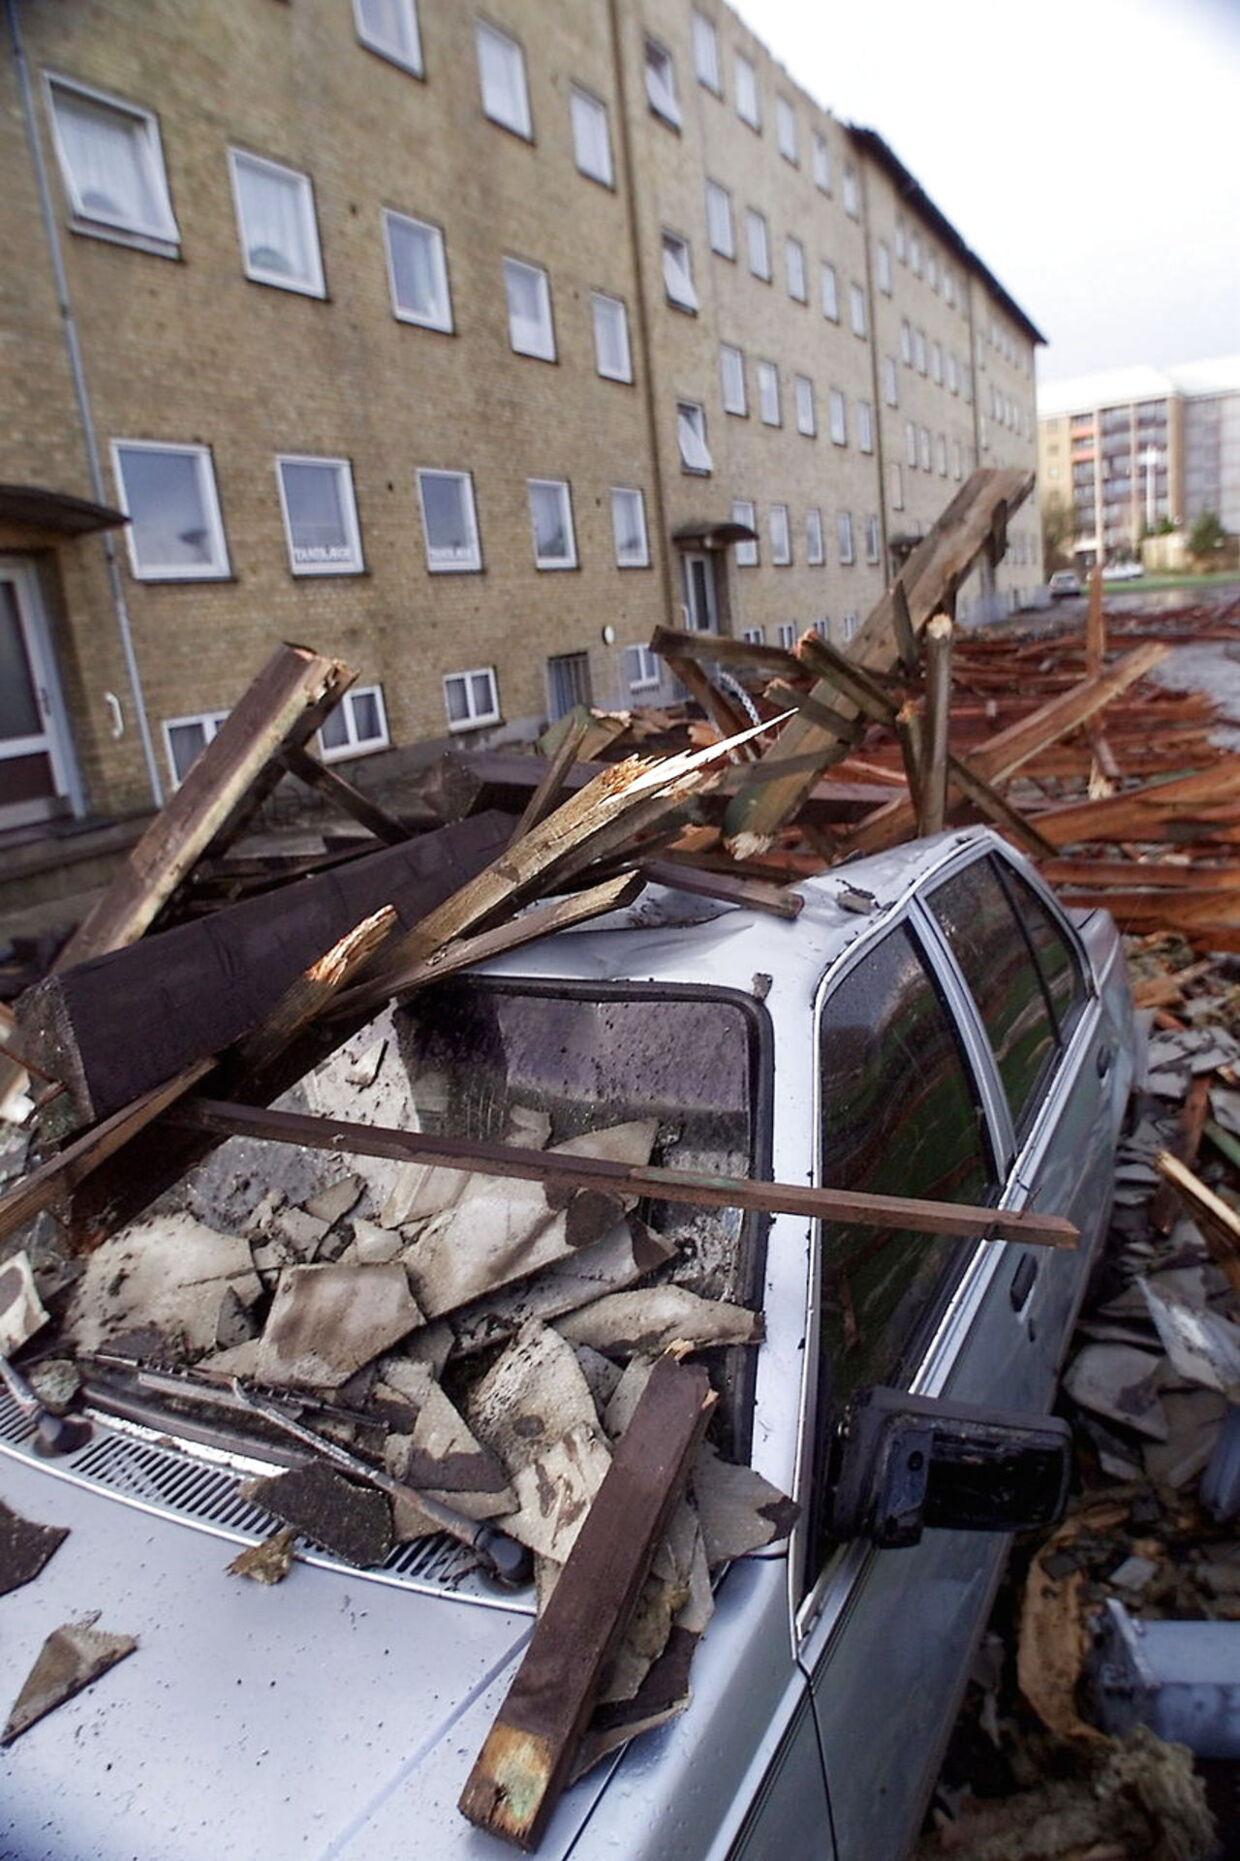 Fredag den 3. december 1999. Taget på denne boligblok på Finlandsvej i Vejle blæste af under stormen, og ødelagde adskillige biler da det landede på jorden. (ARKIVFOTO)